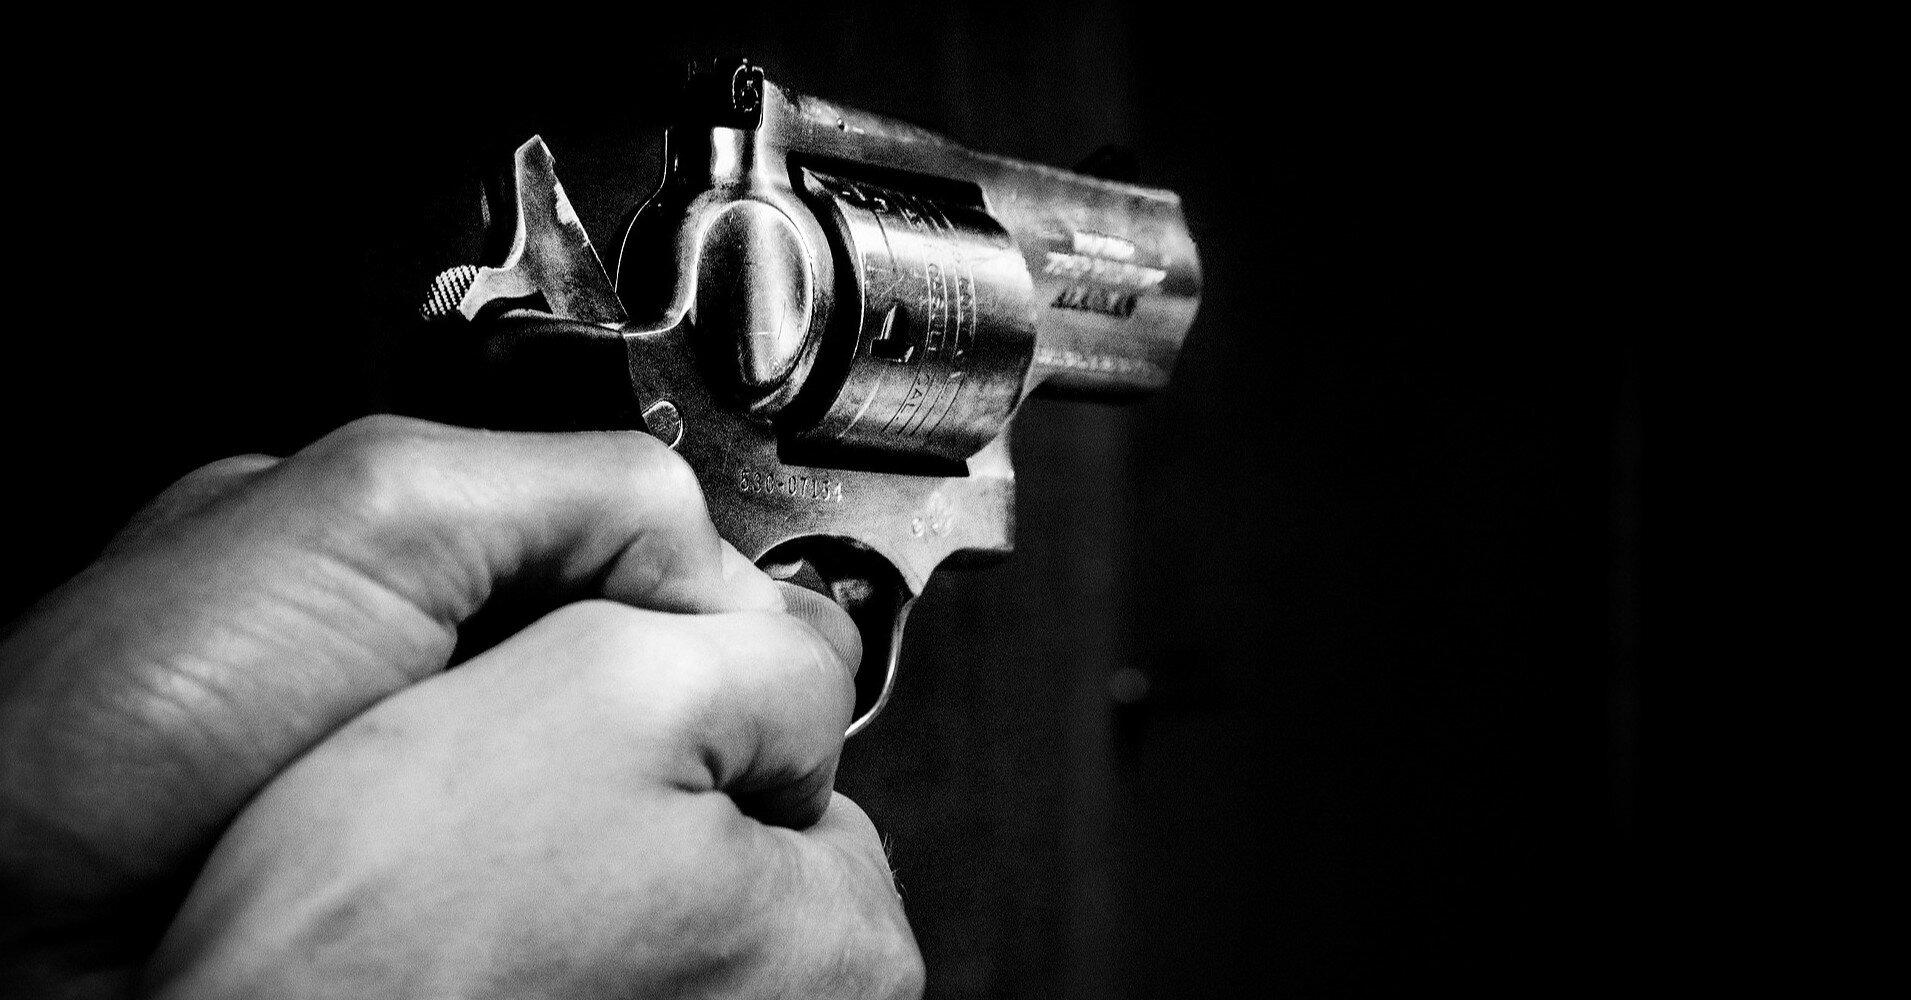 В Житомирской области неизвестный обстрелял частный дом, есть жертвы